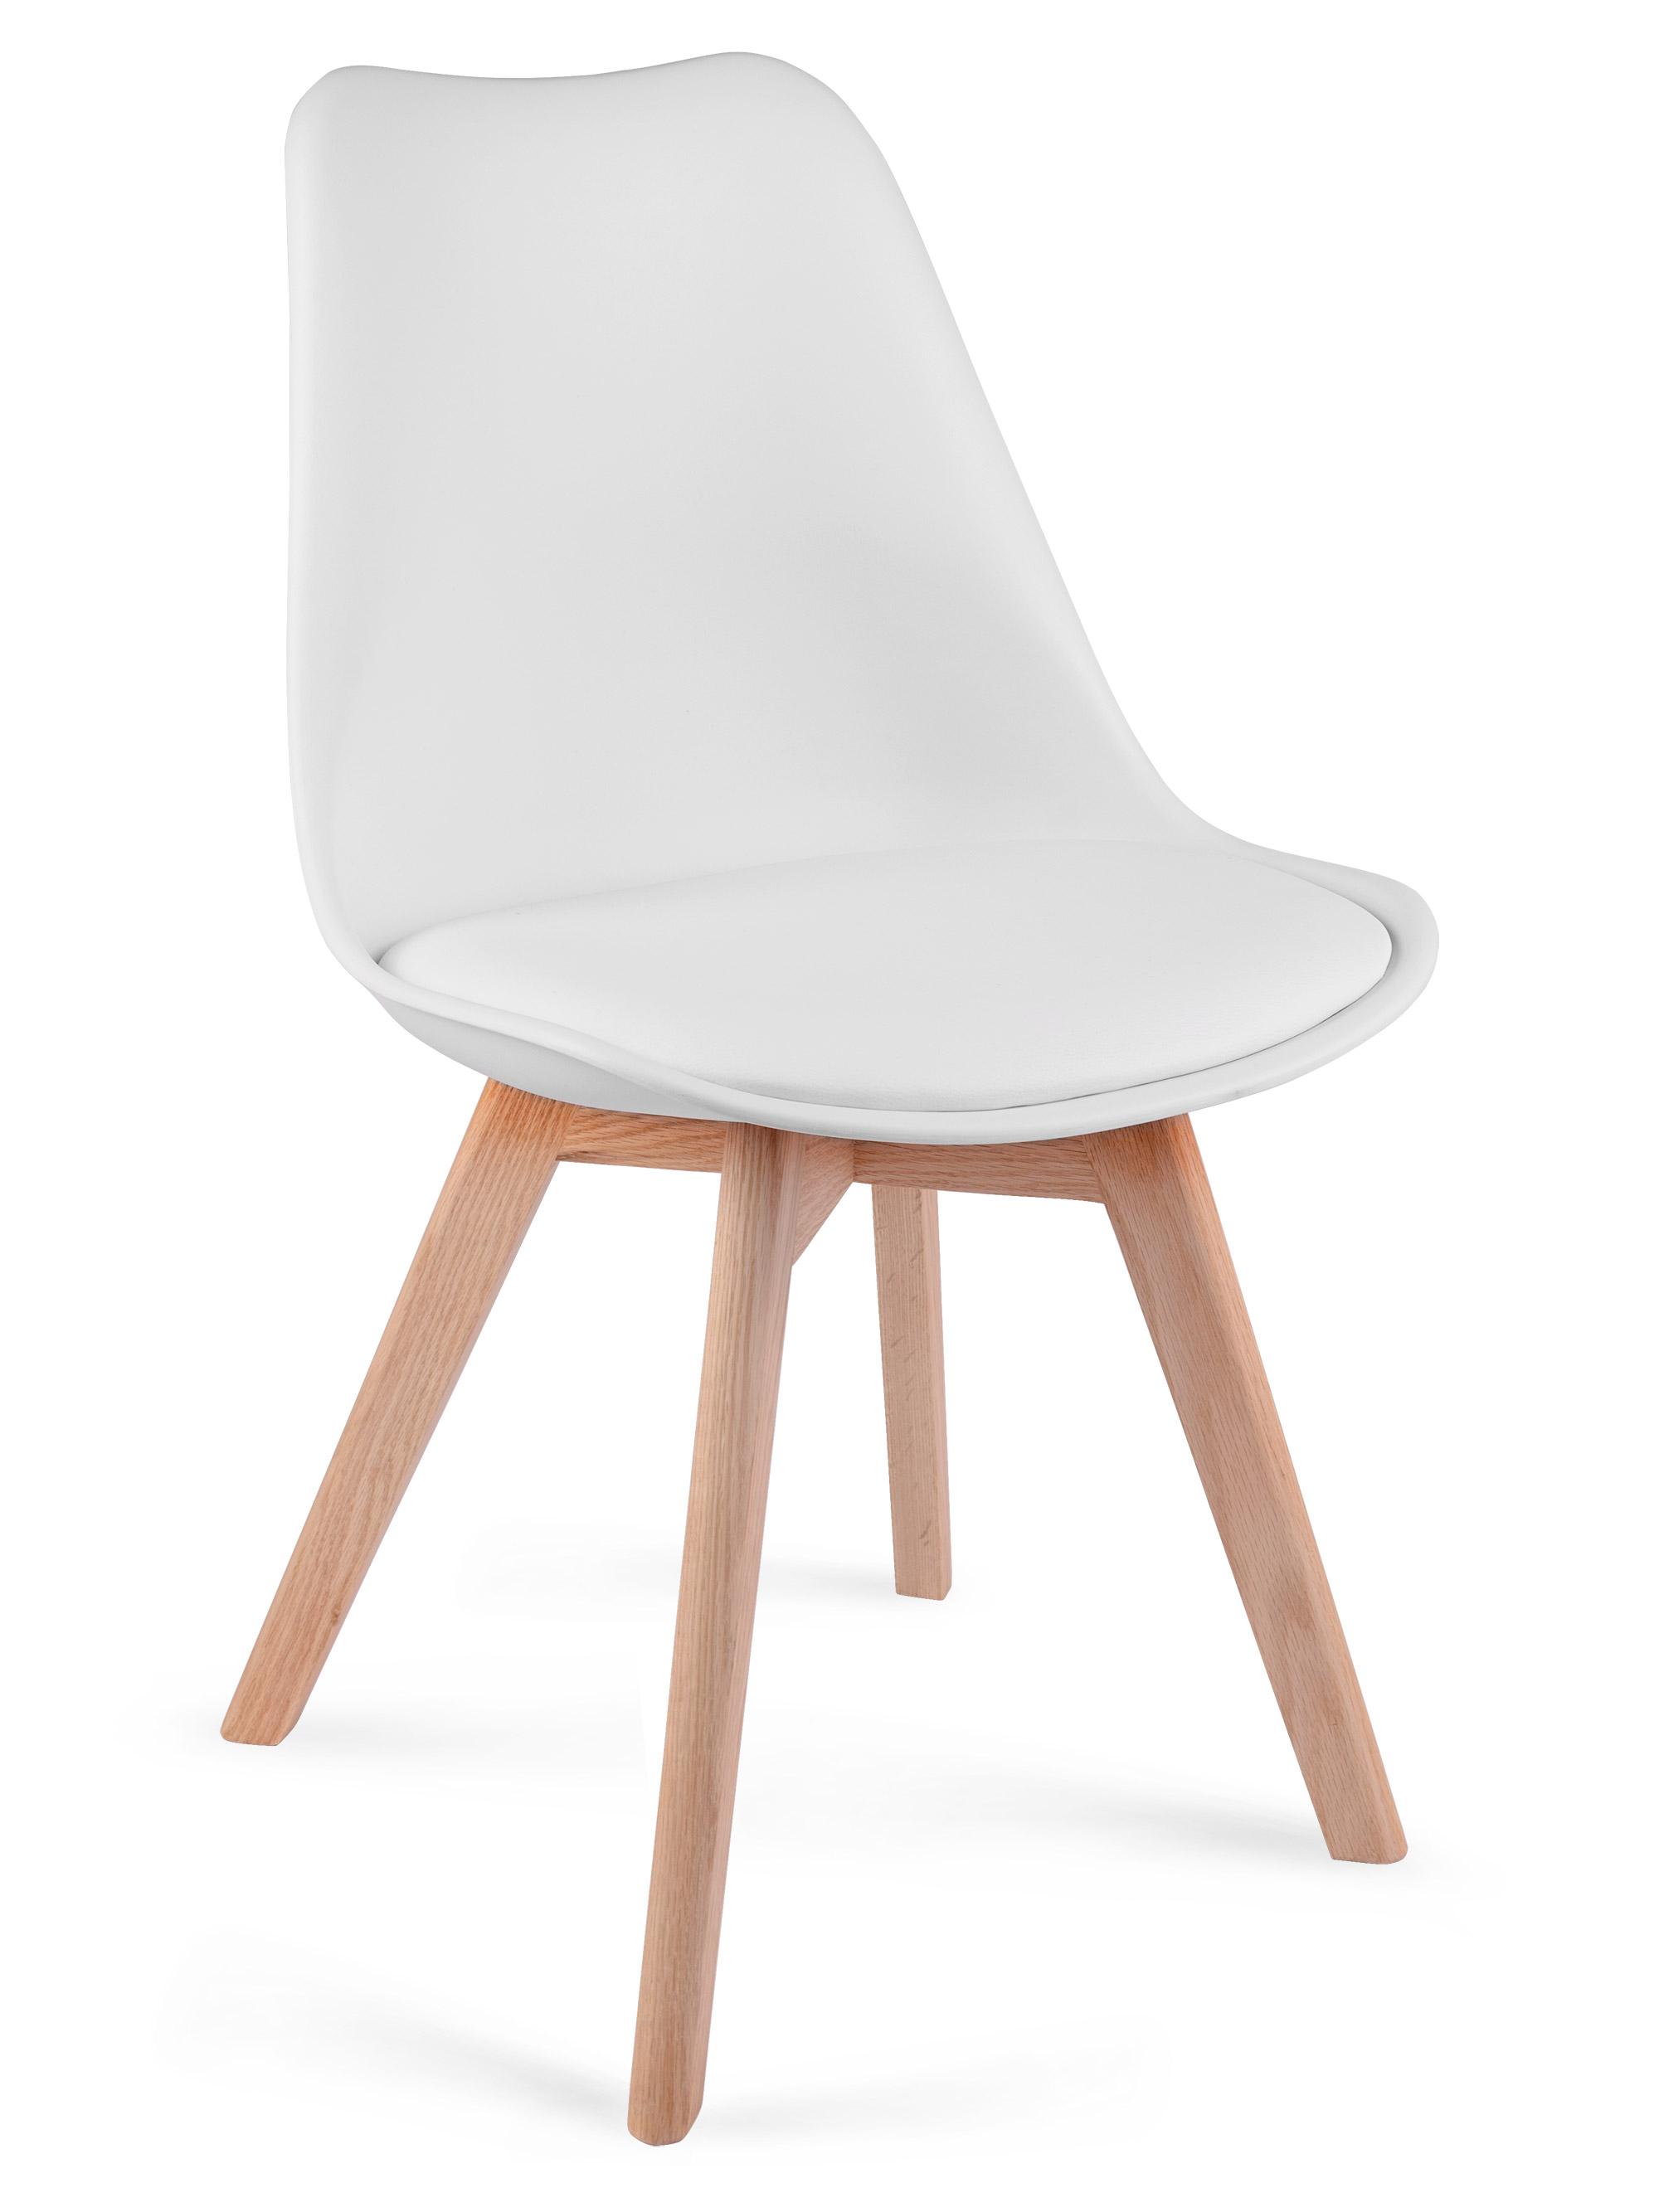 Groovy Krzesło nowoczesne skandynawskie Sofotel Ponti białe KN13